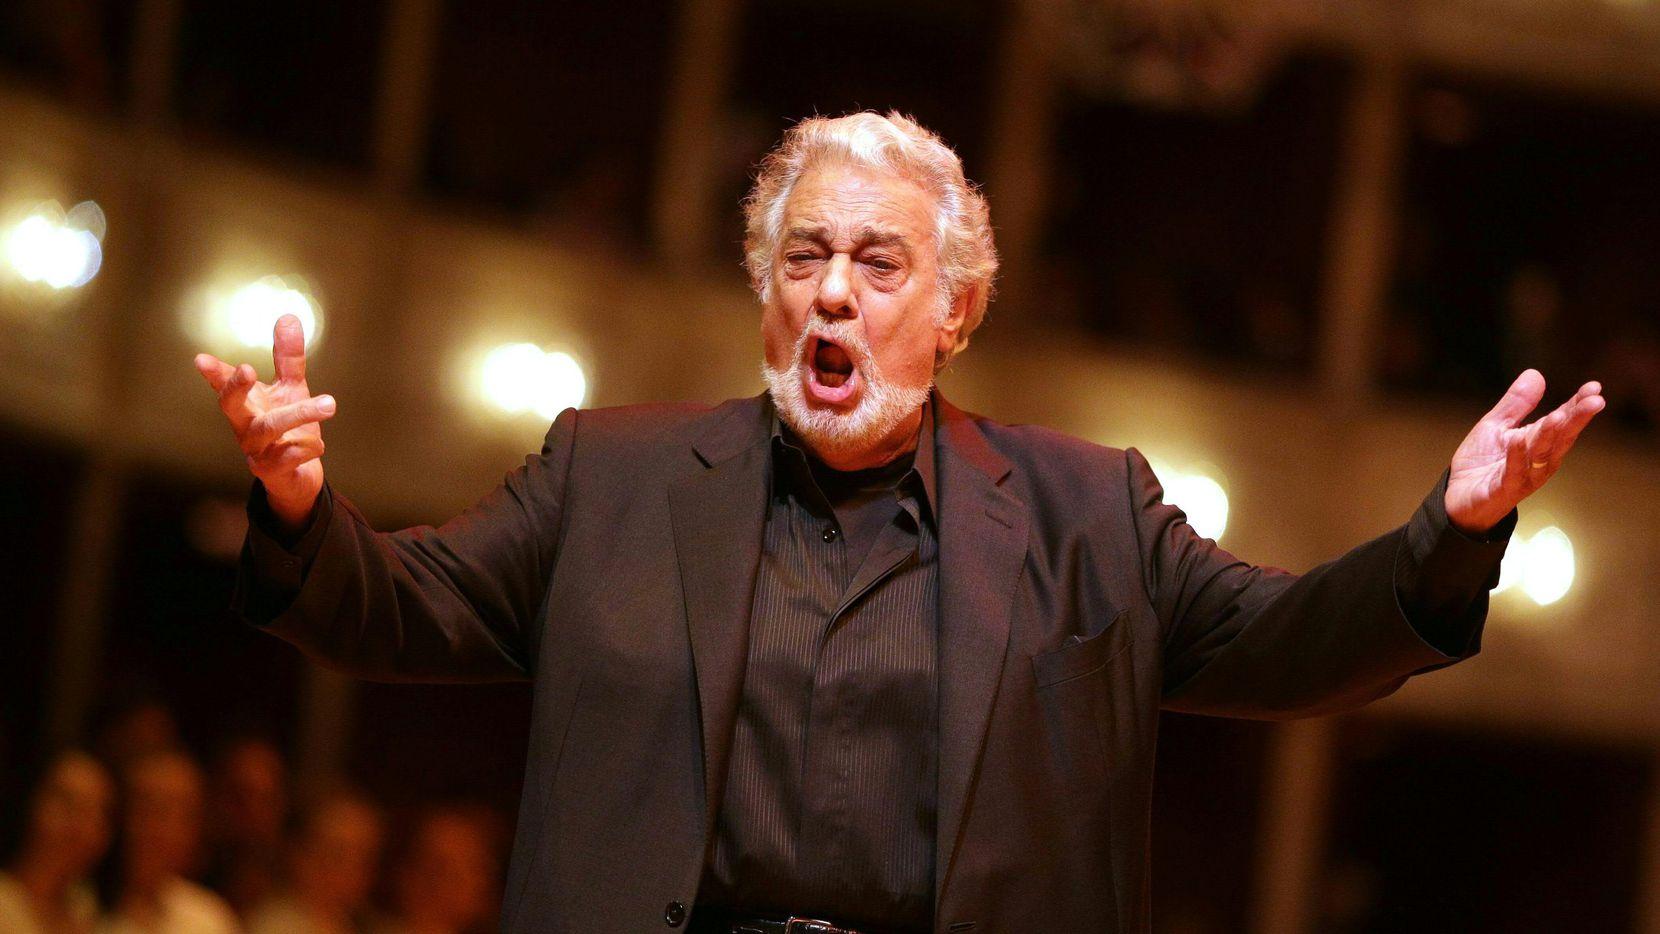 El español Placido Domingo será asesor de la FW Opera. (AFP/Getty Images/GEORG HOCHMUTH)